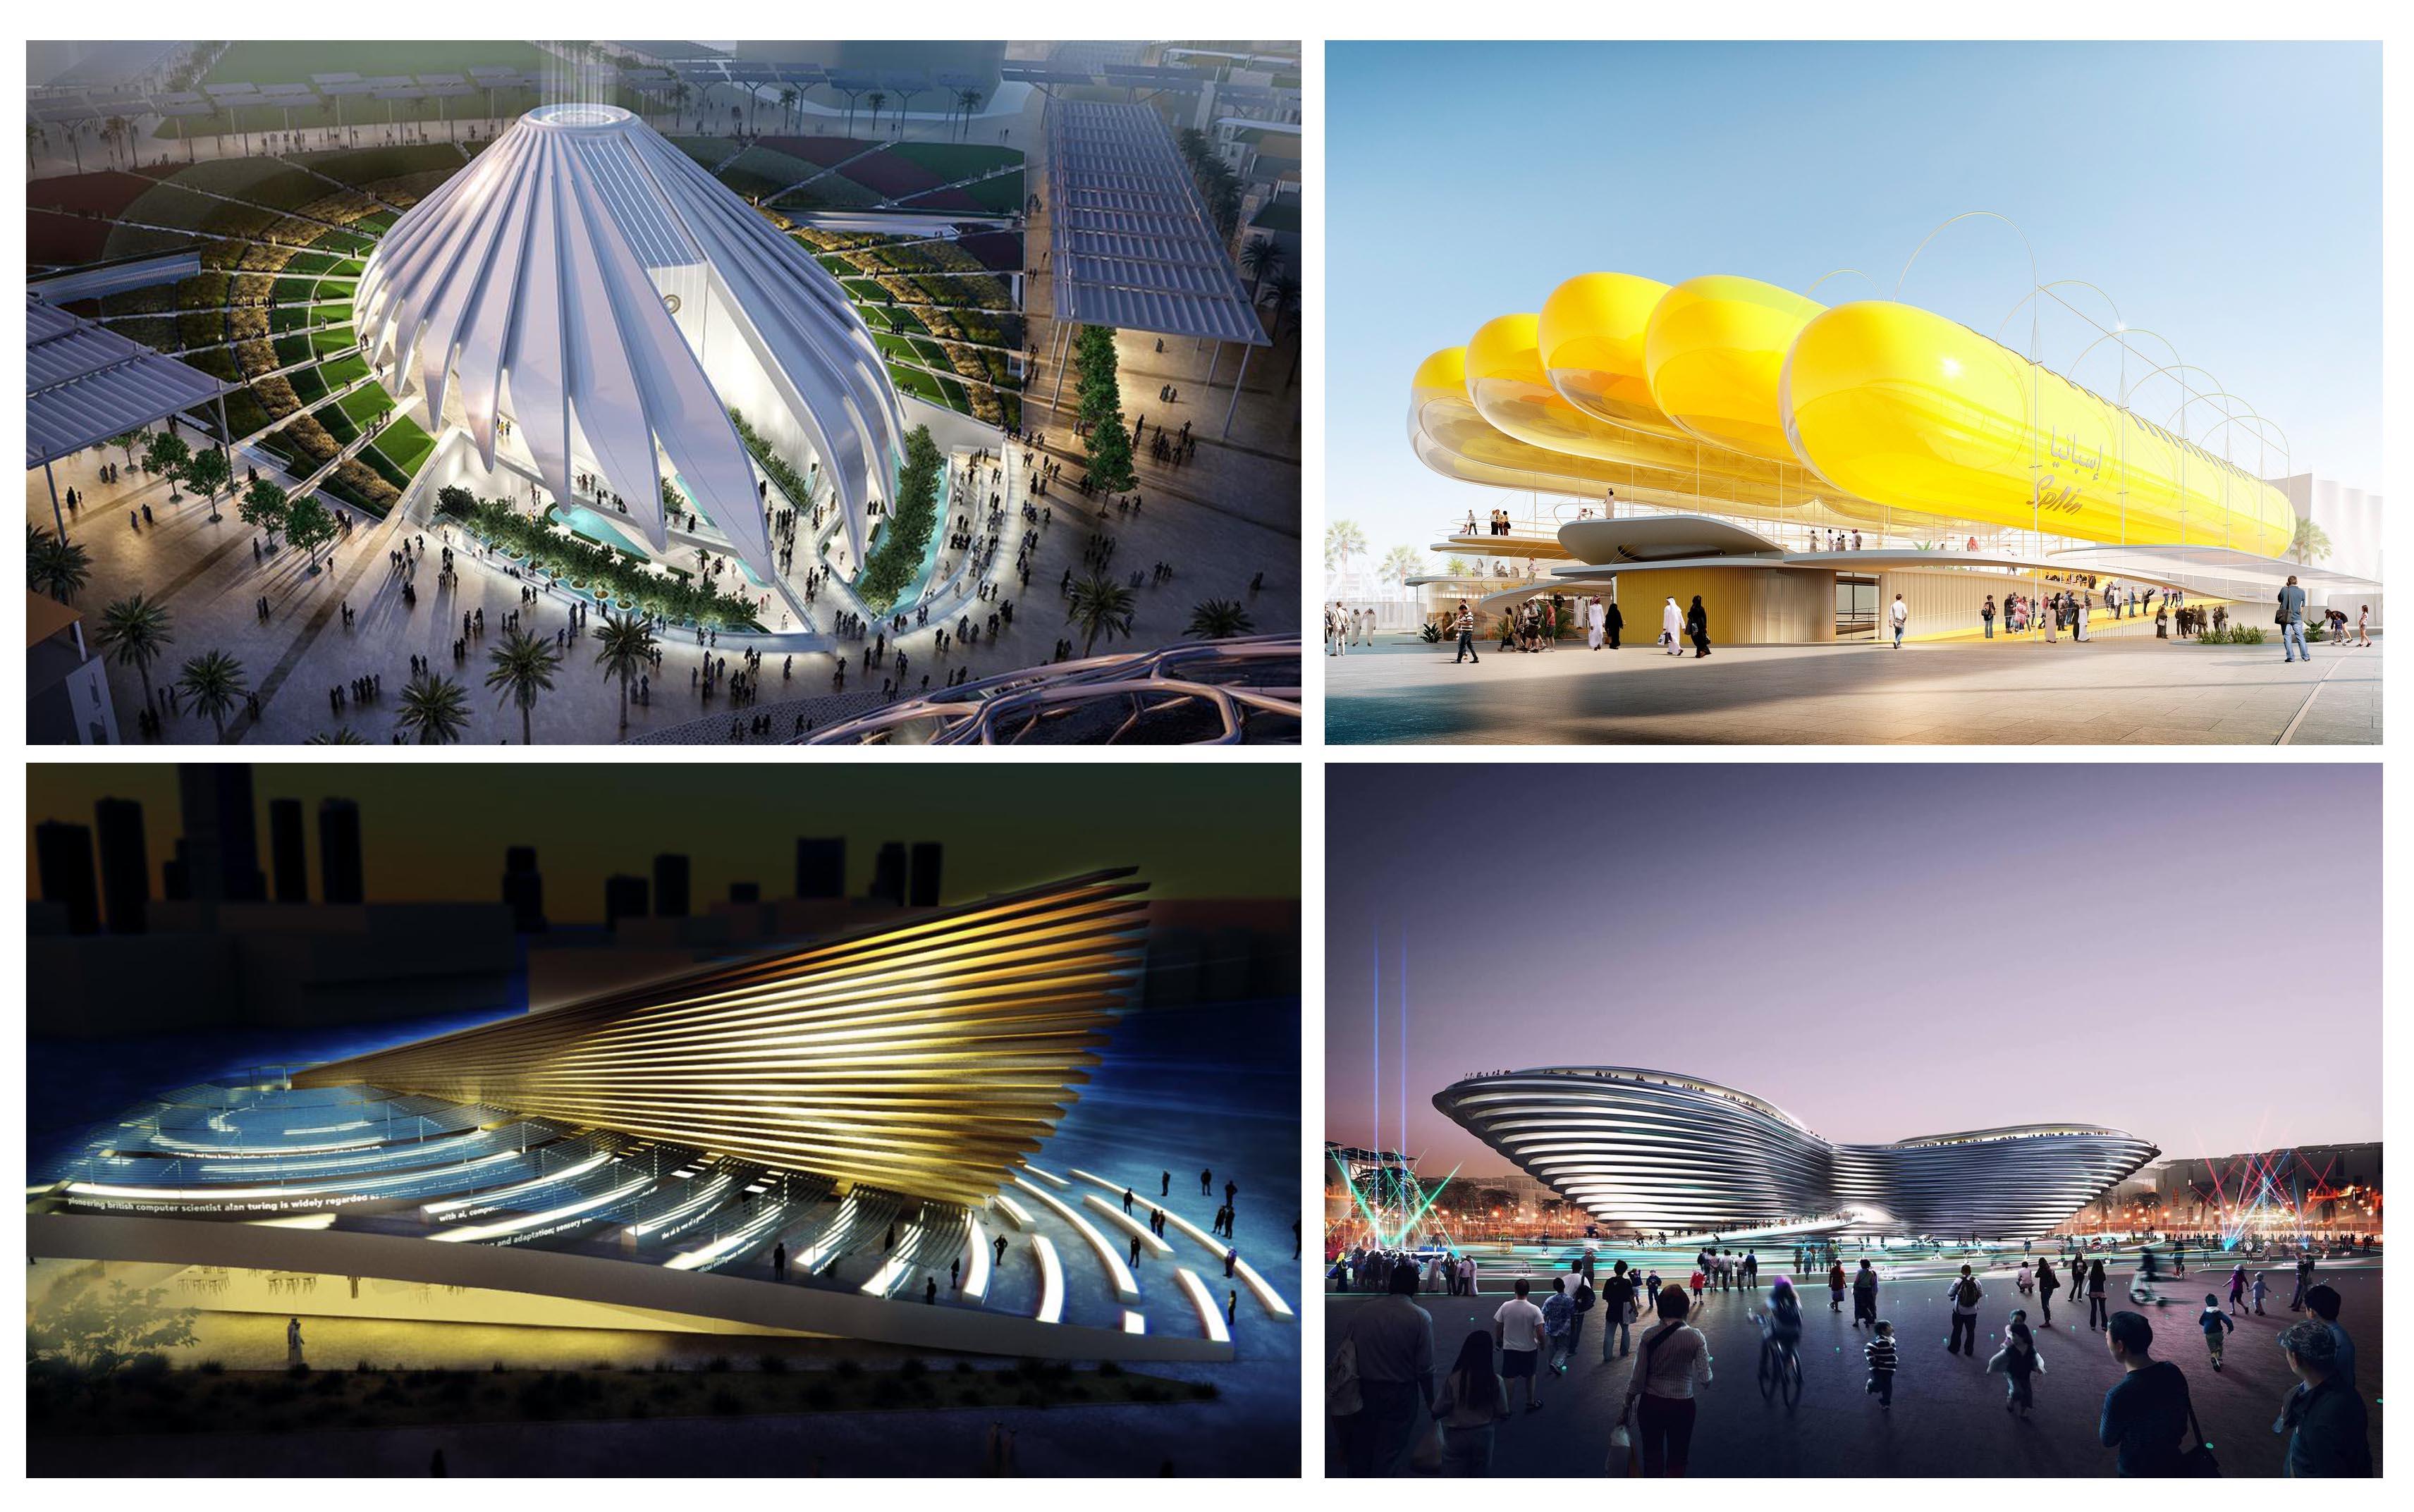 نگاهی به پاویون های اکسپو 2020 دبی